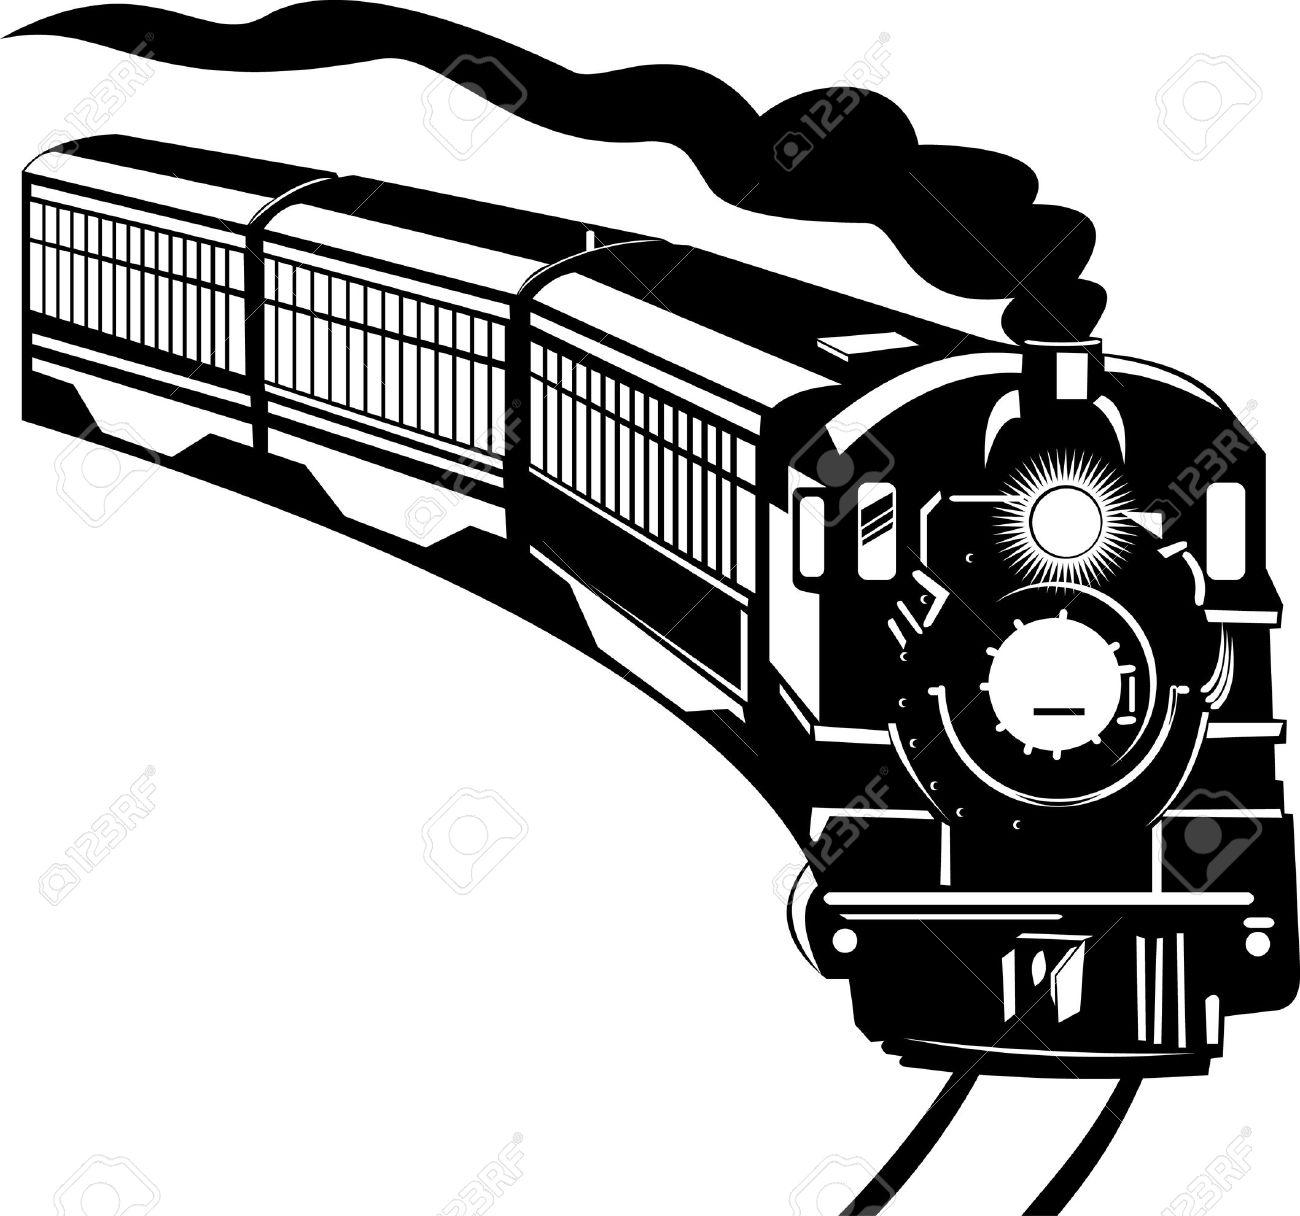 1300x1216 Clipart Of Steam Train 101 Clip Art